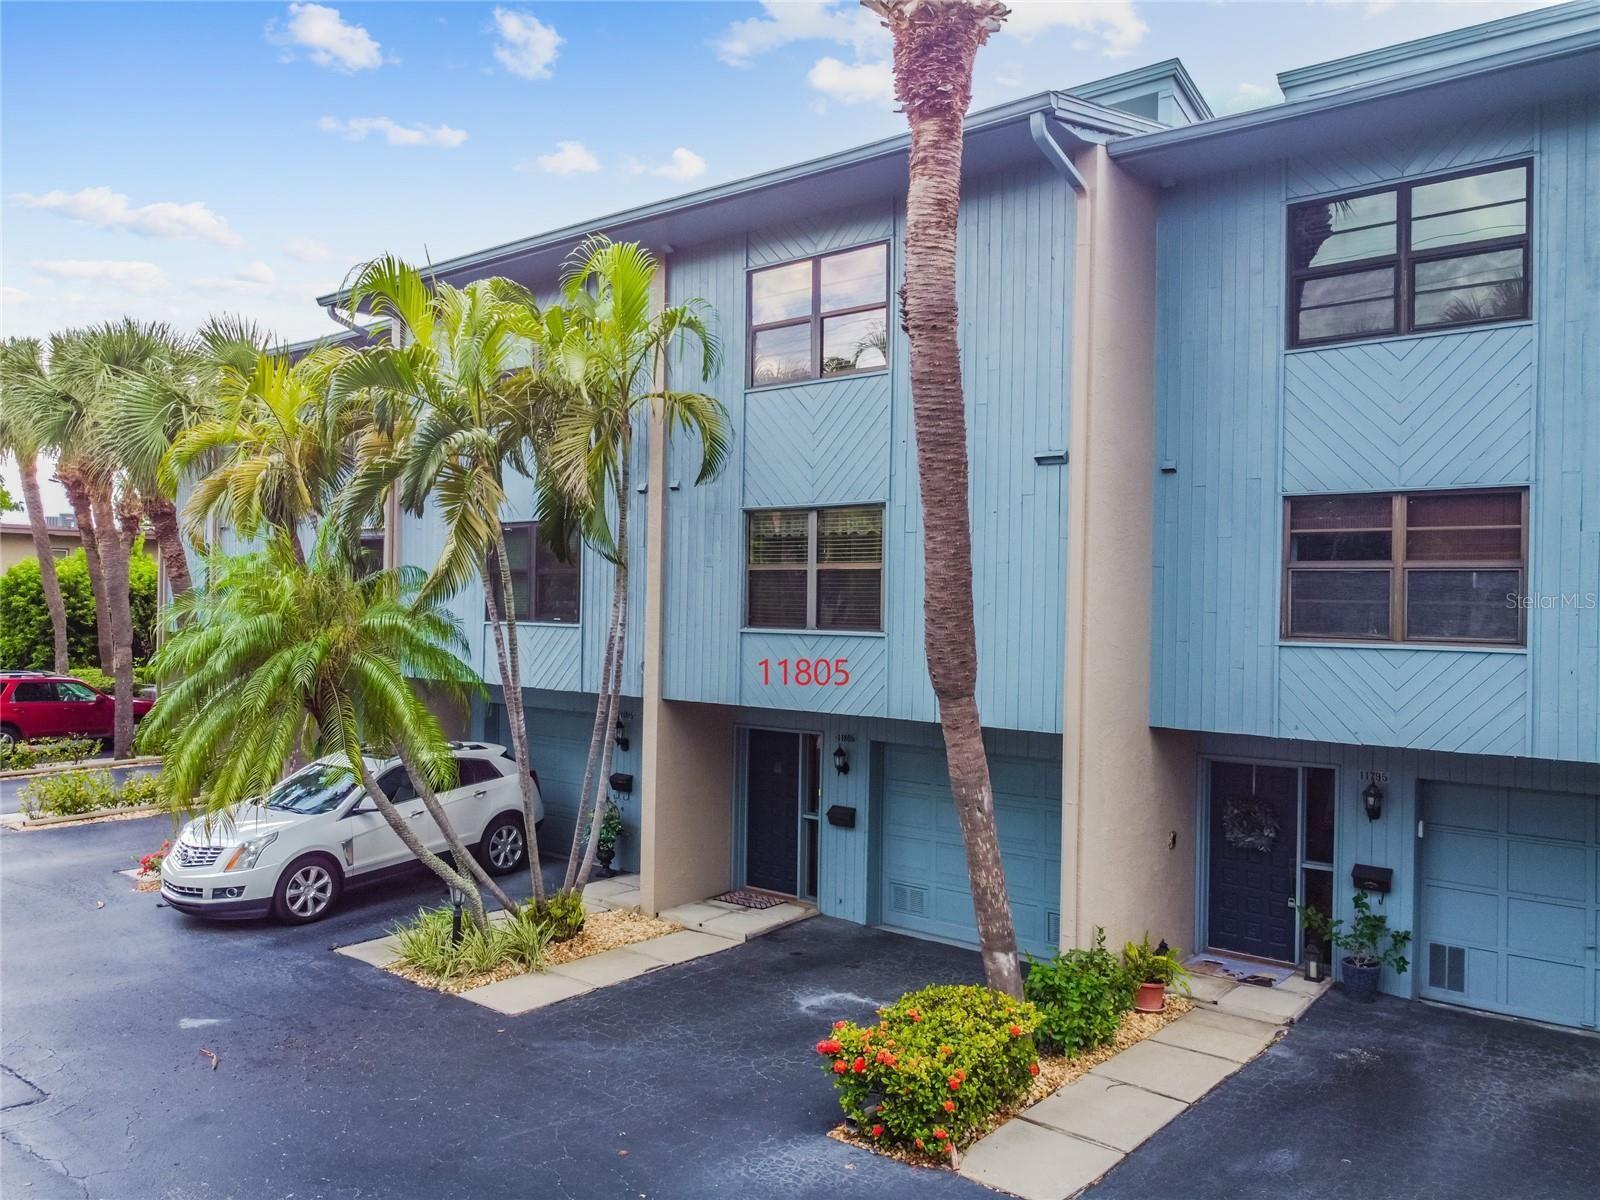 11805 3RD STREET E #5, Treasure Island, FL 33706 - MLS#: U8136300